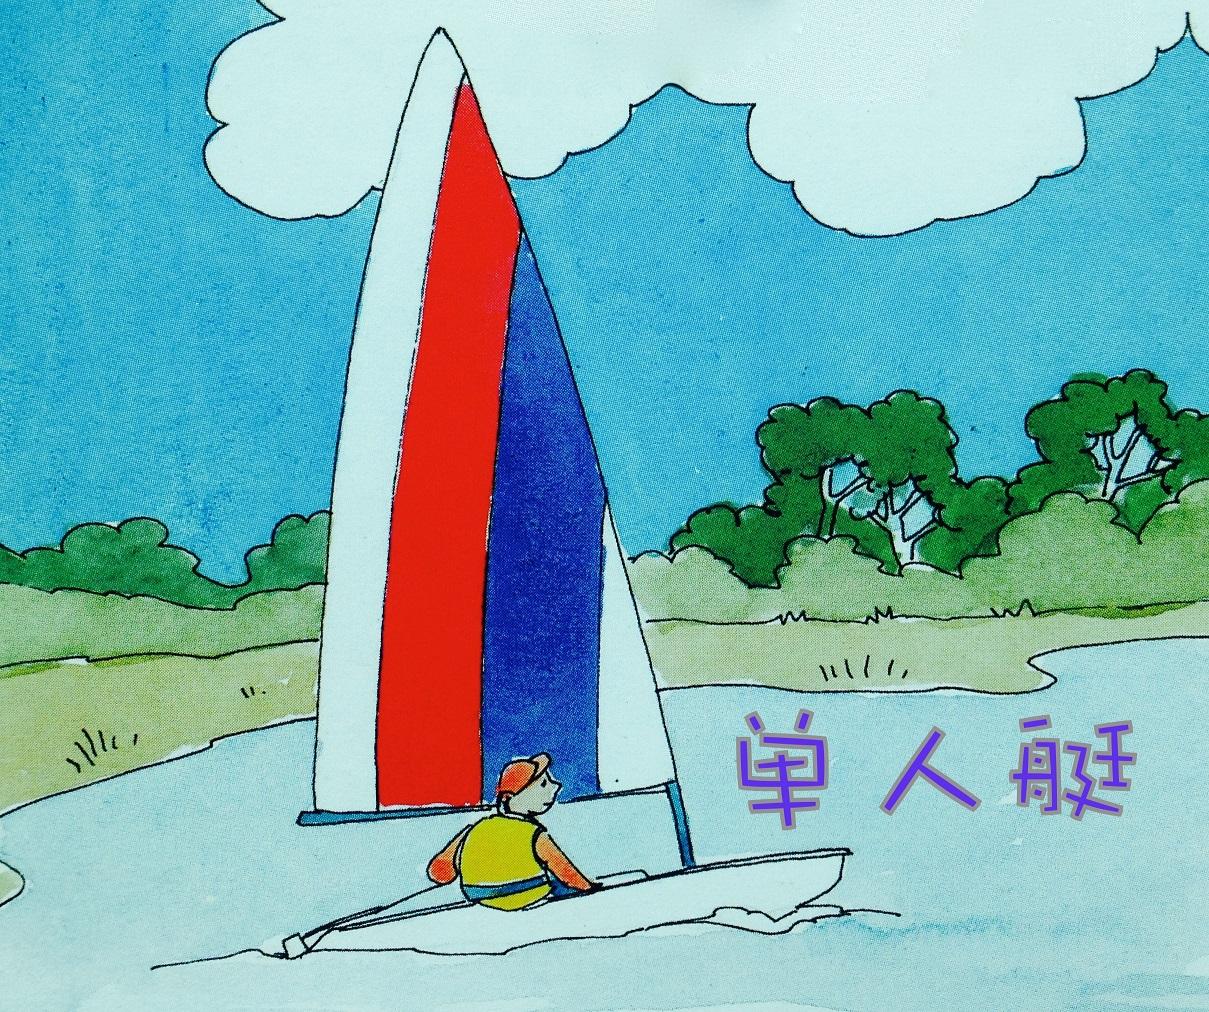 技术学,帆船,竞技,双人艇 建议大家先从双人艇开始,这样就可以分工从简单的技术学起来。 2a帆船种类11.jpg